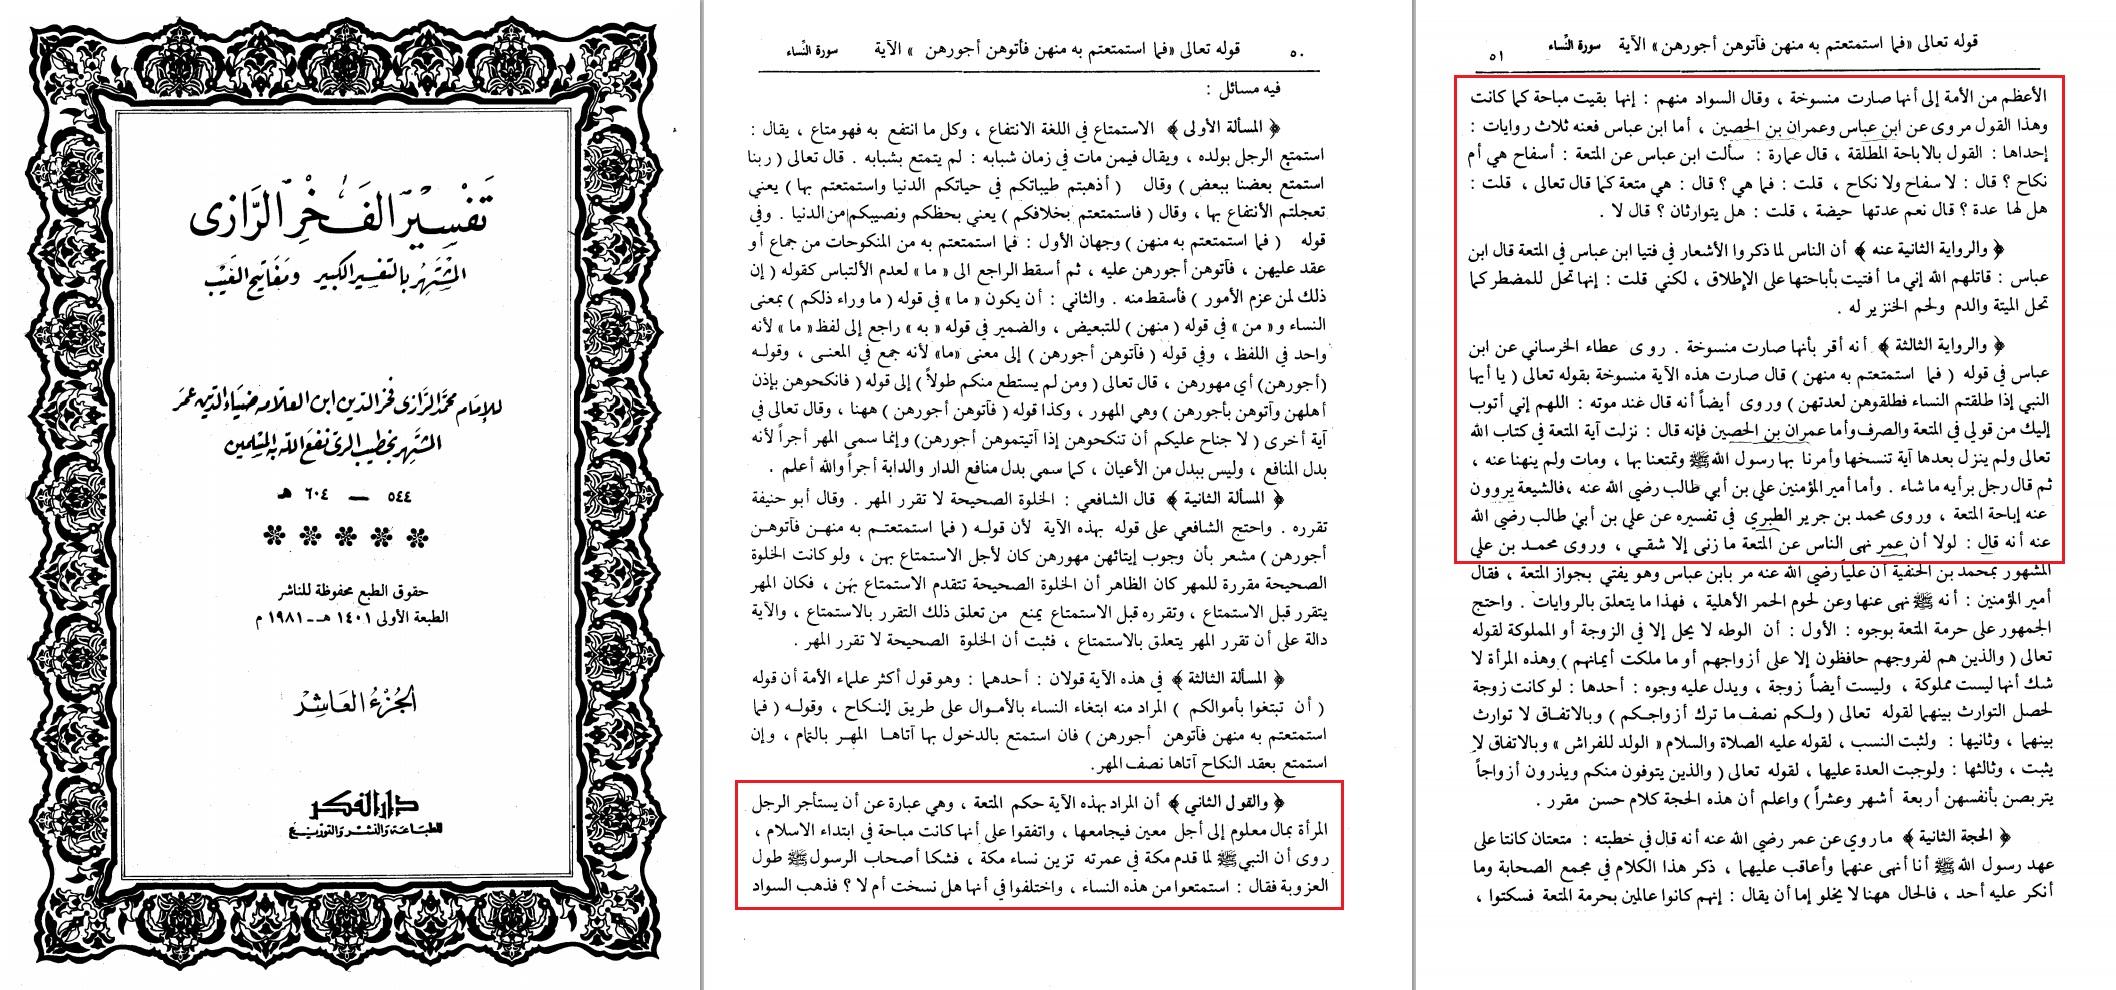 tafsir-e razi mut3e b 10 s 50-51